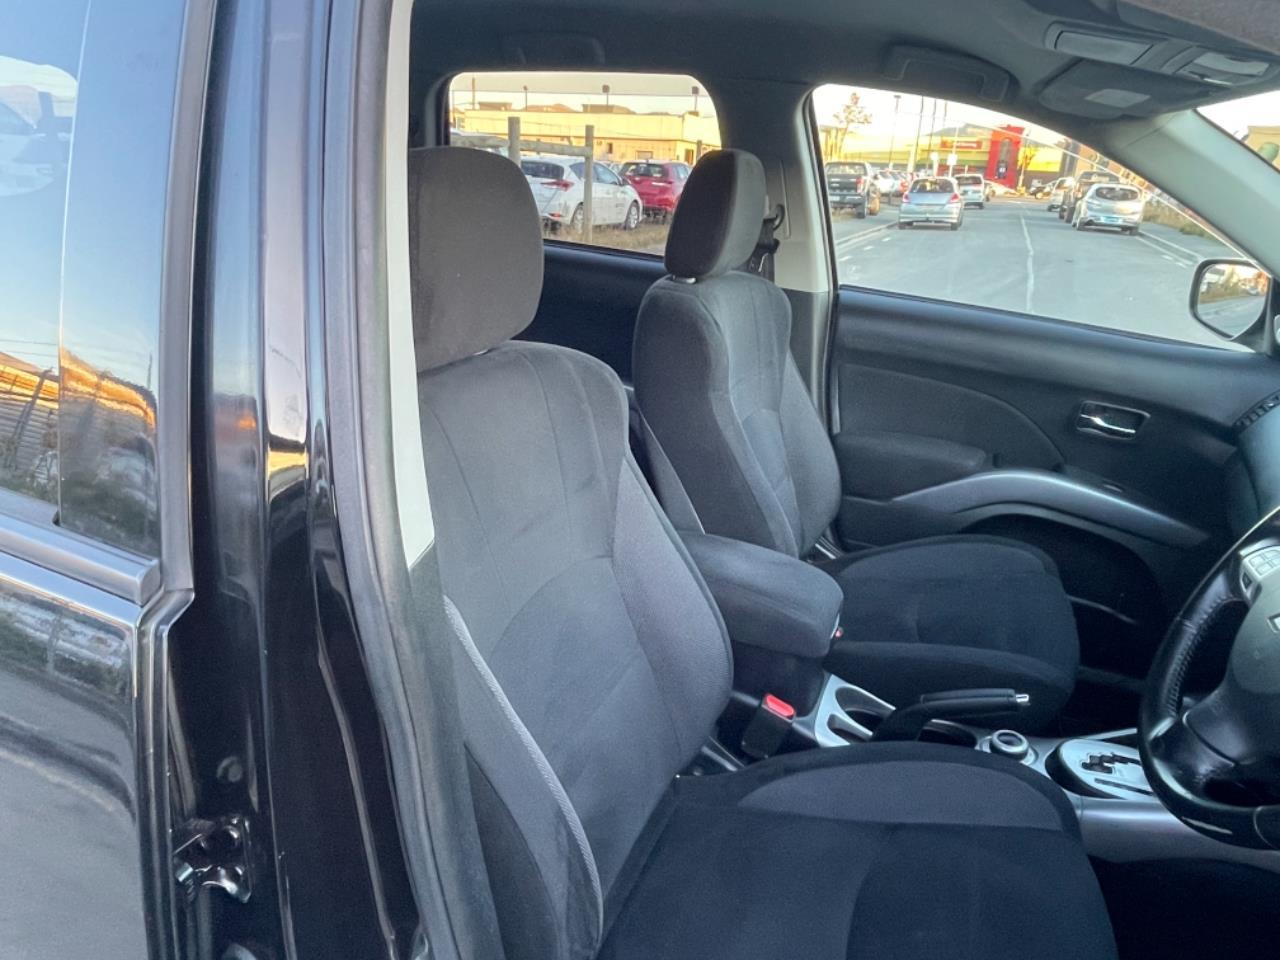 image-10, 2007 Mitsubishi Outlander 24G 4WD 7-Seater at Christchurch